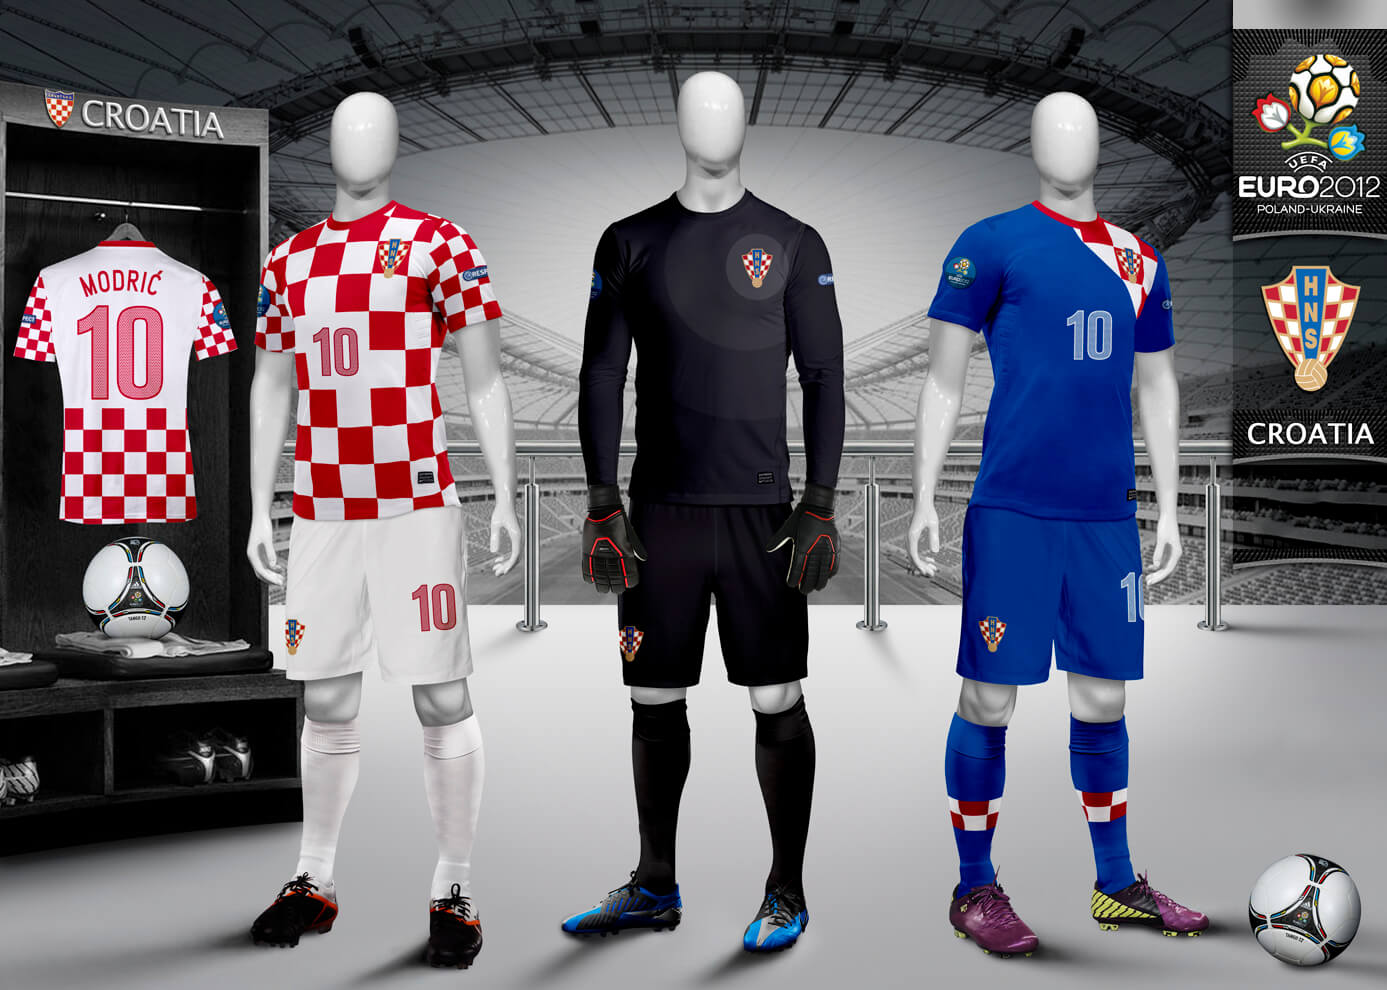 Croatia World cup 2018 - Liệu có làm lên điều đặc biệt